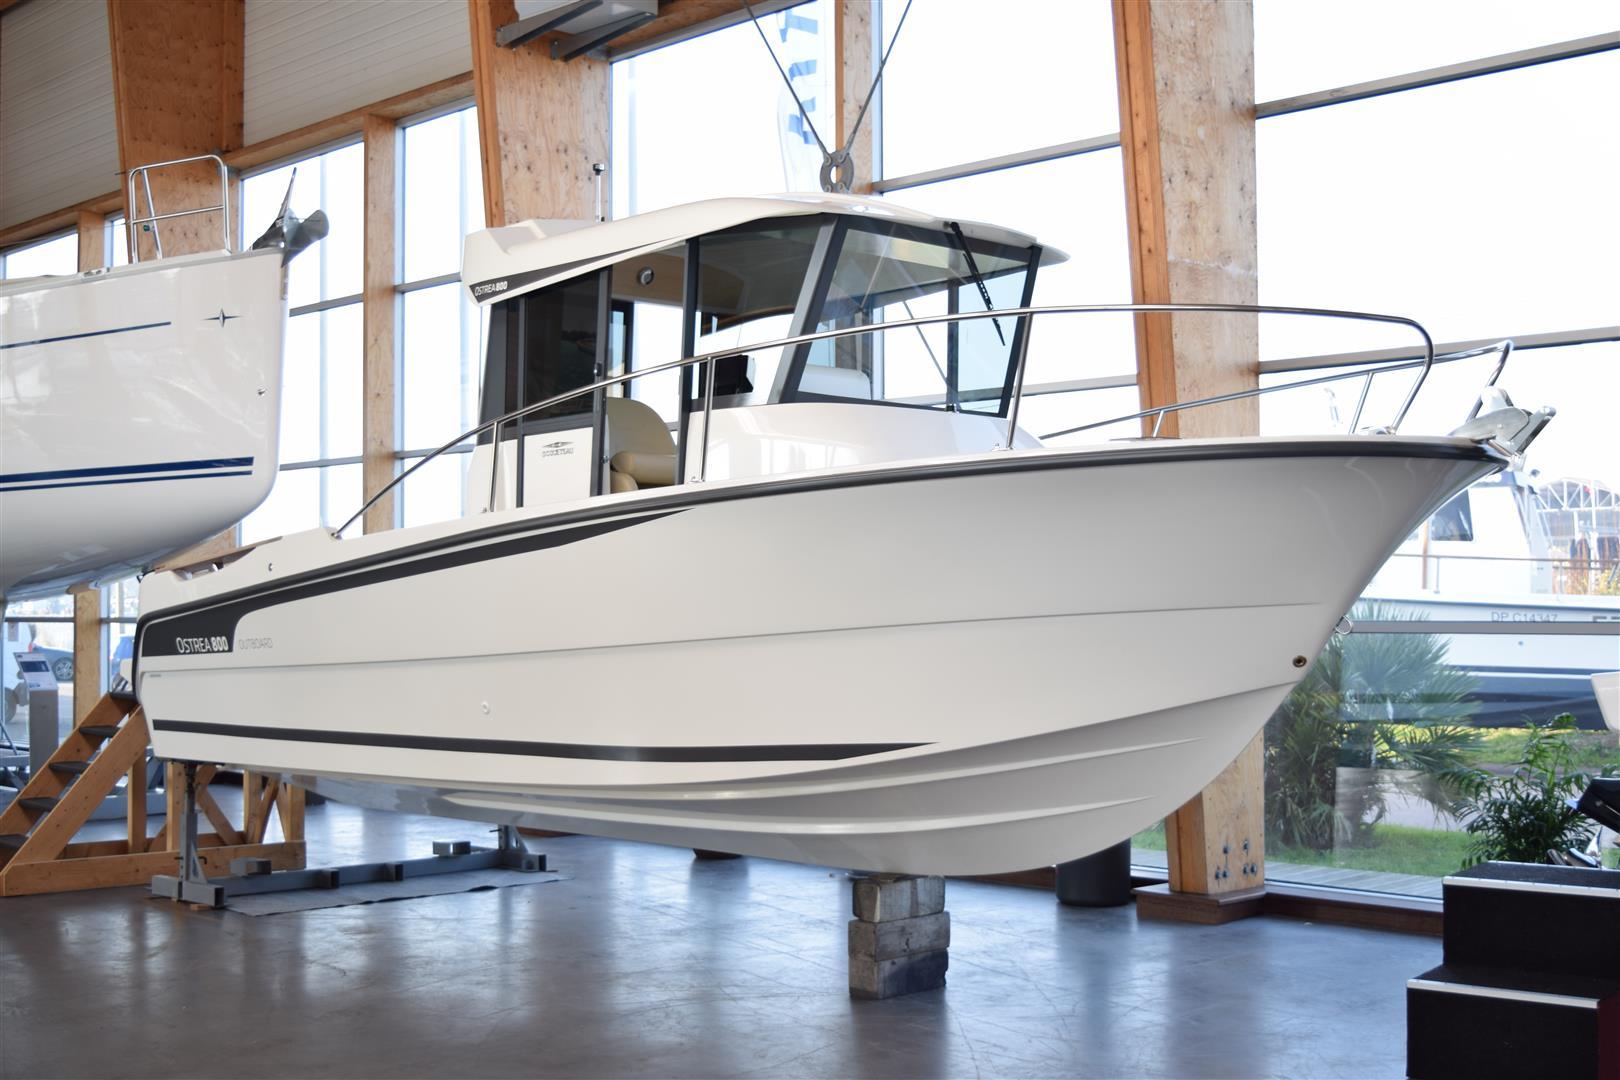 bateau moteur ocqueteau ostrea 800 hb neuf annonces. Black Bedroom Furniture Sets. Home Design Ideas